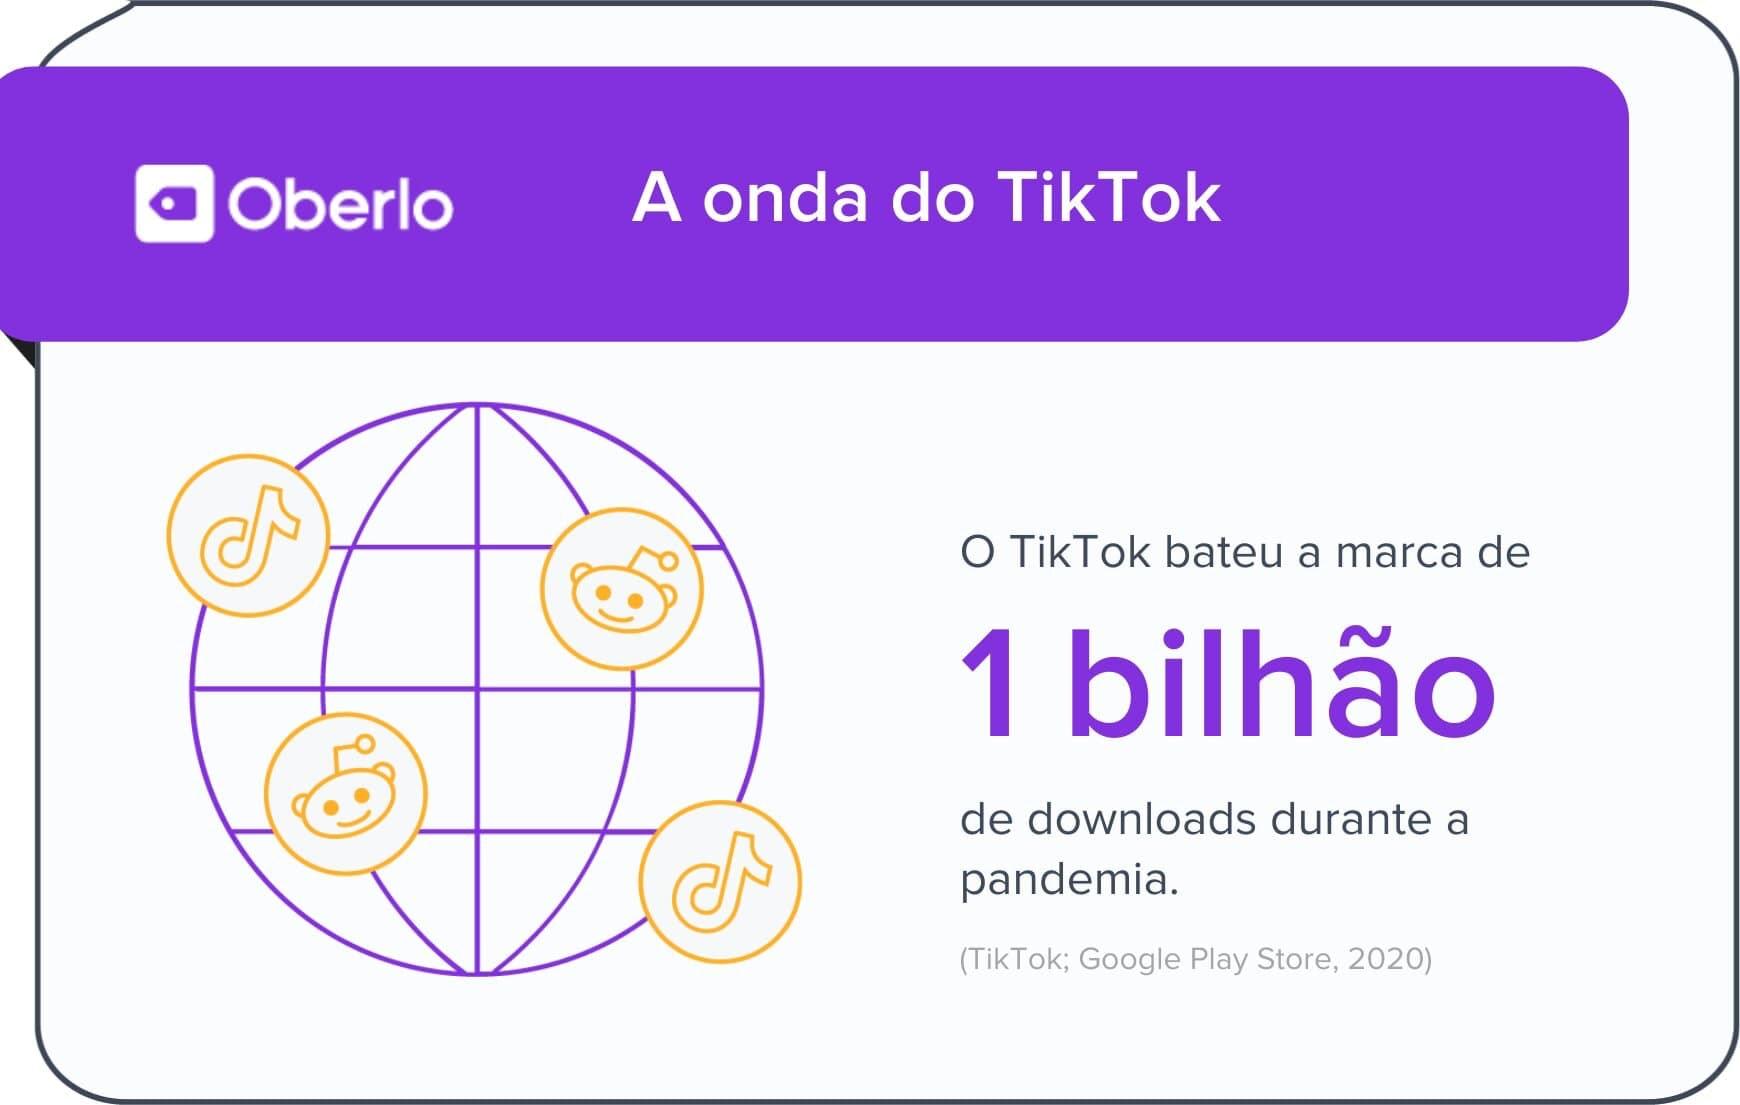 Tendências das redes sociais durante a pandemia: a onda do TikTok